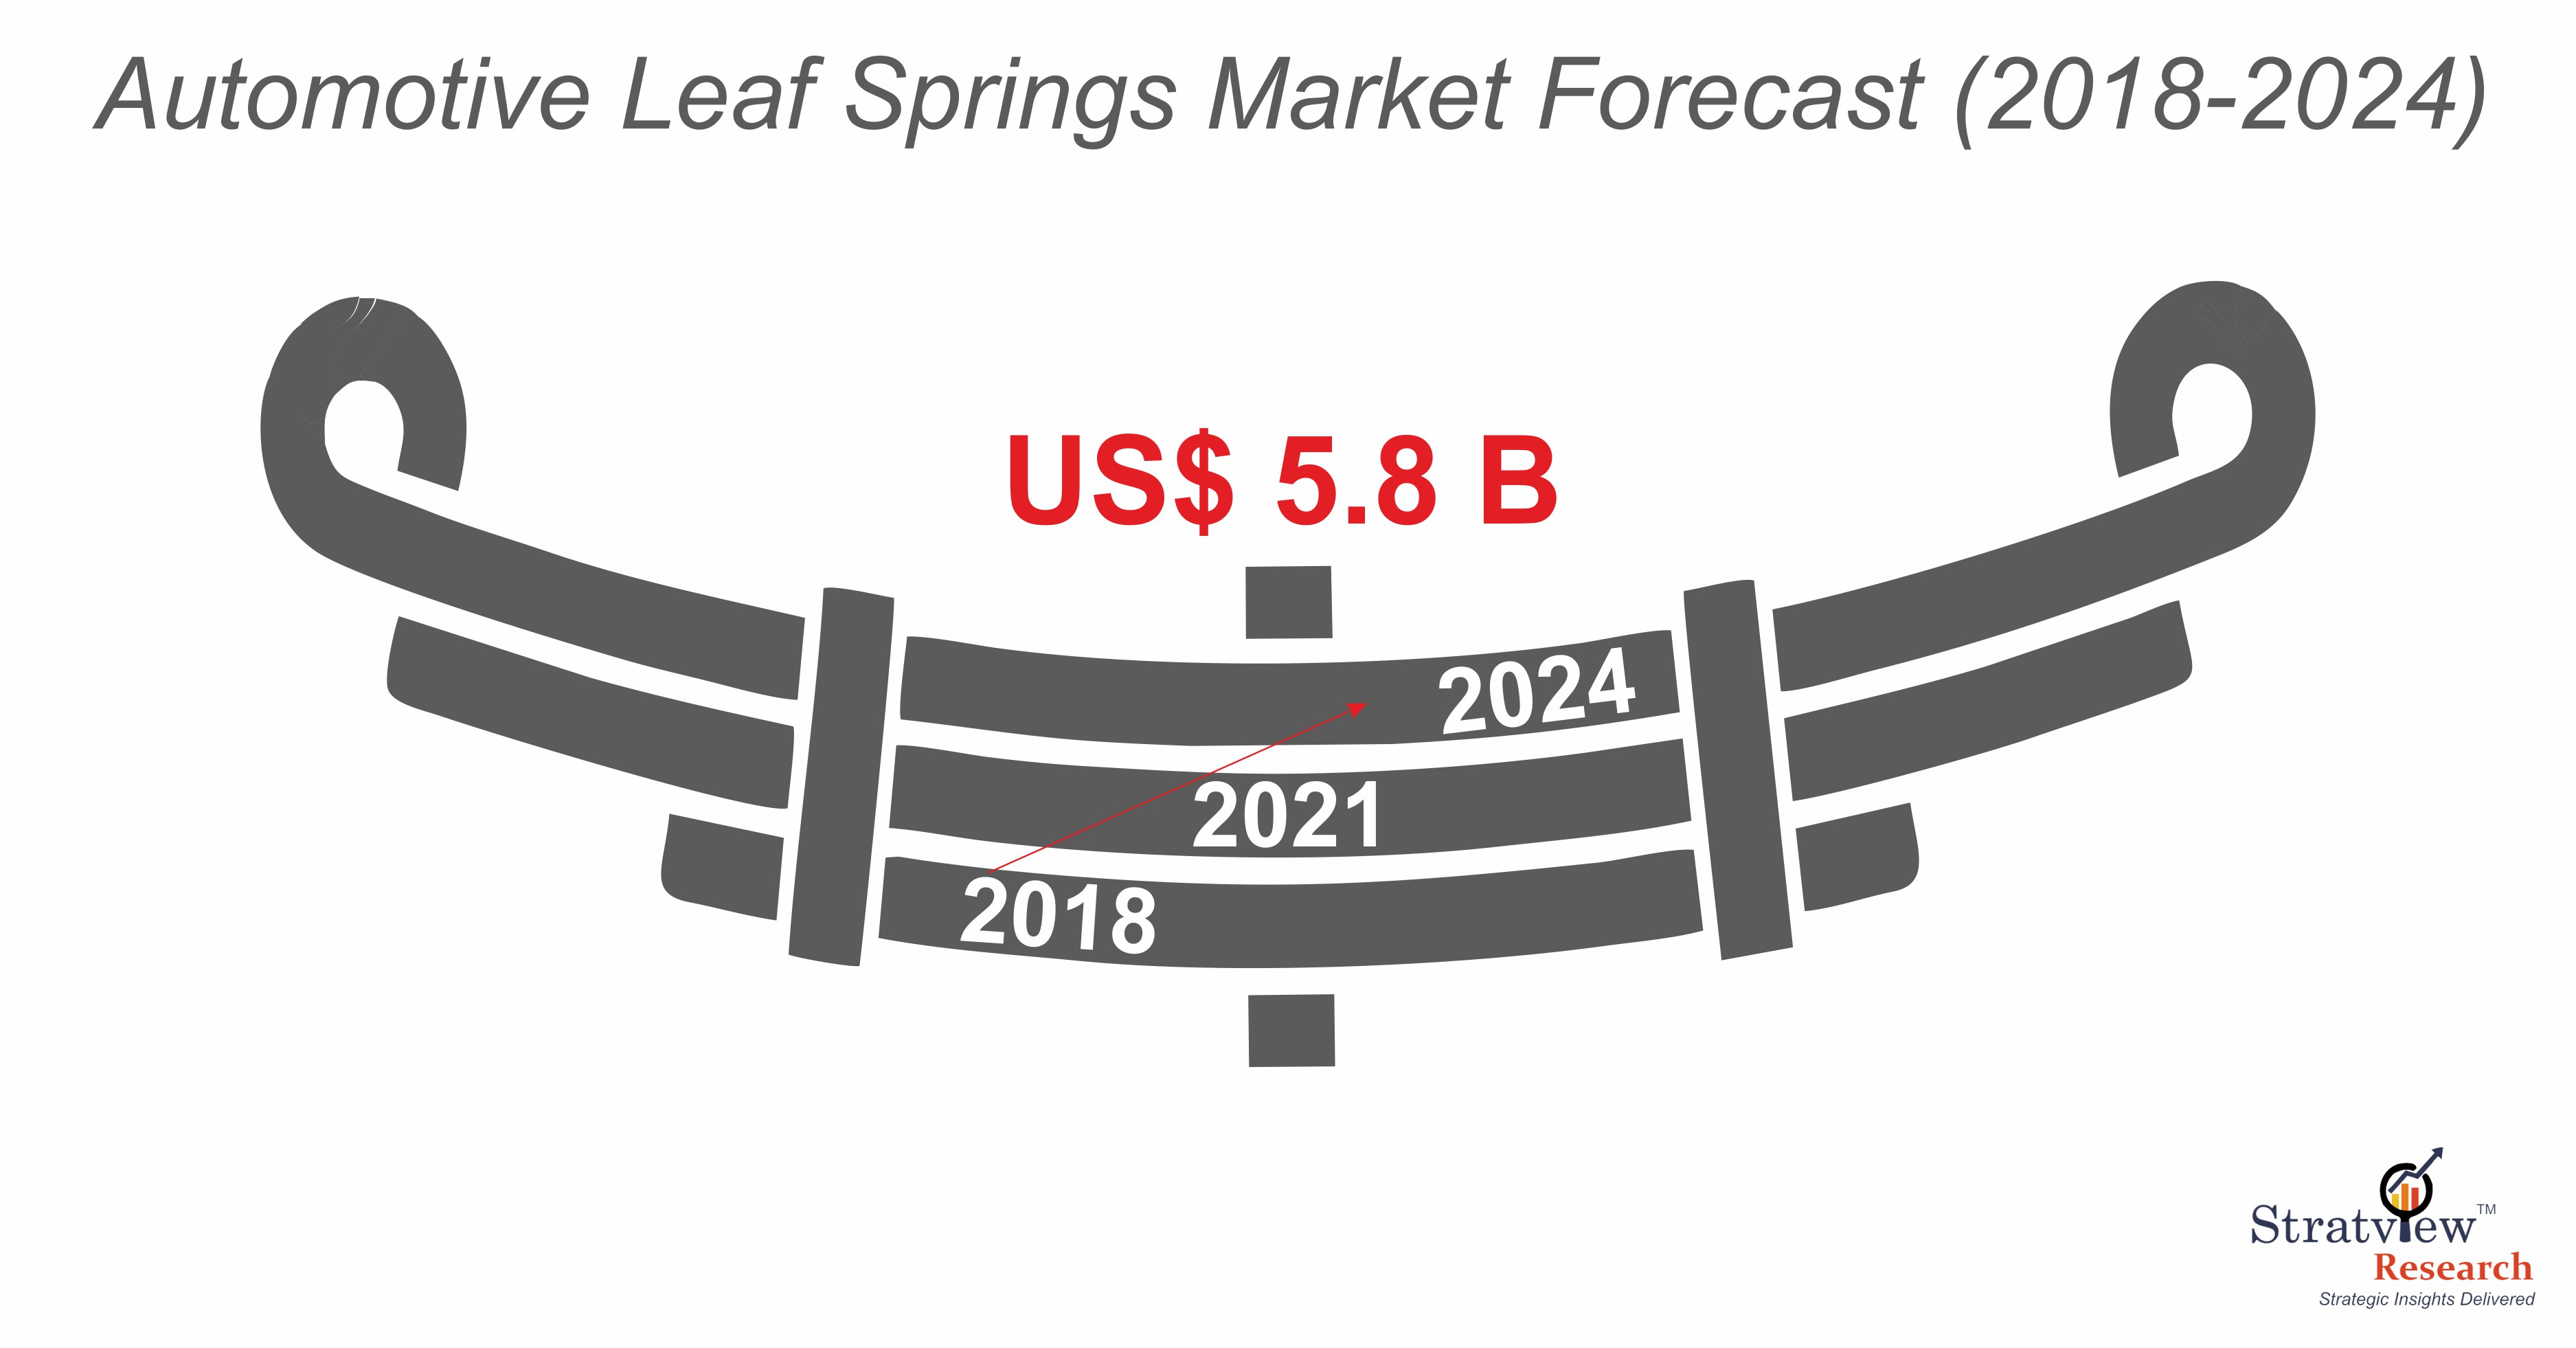 Automotive Leaf Spring Market Forecast.jpg